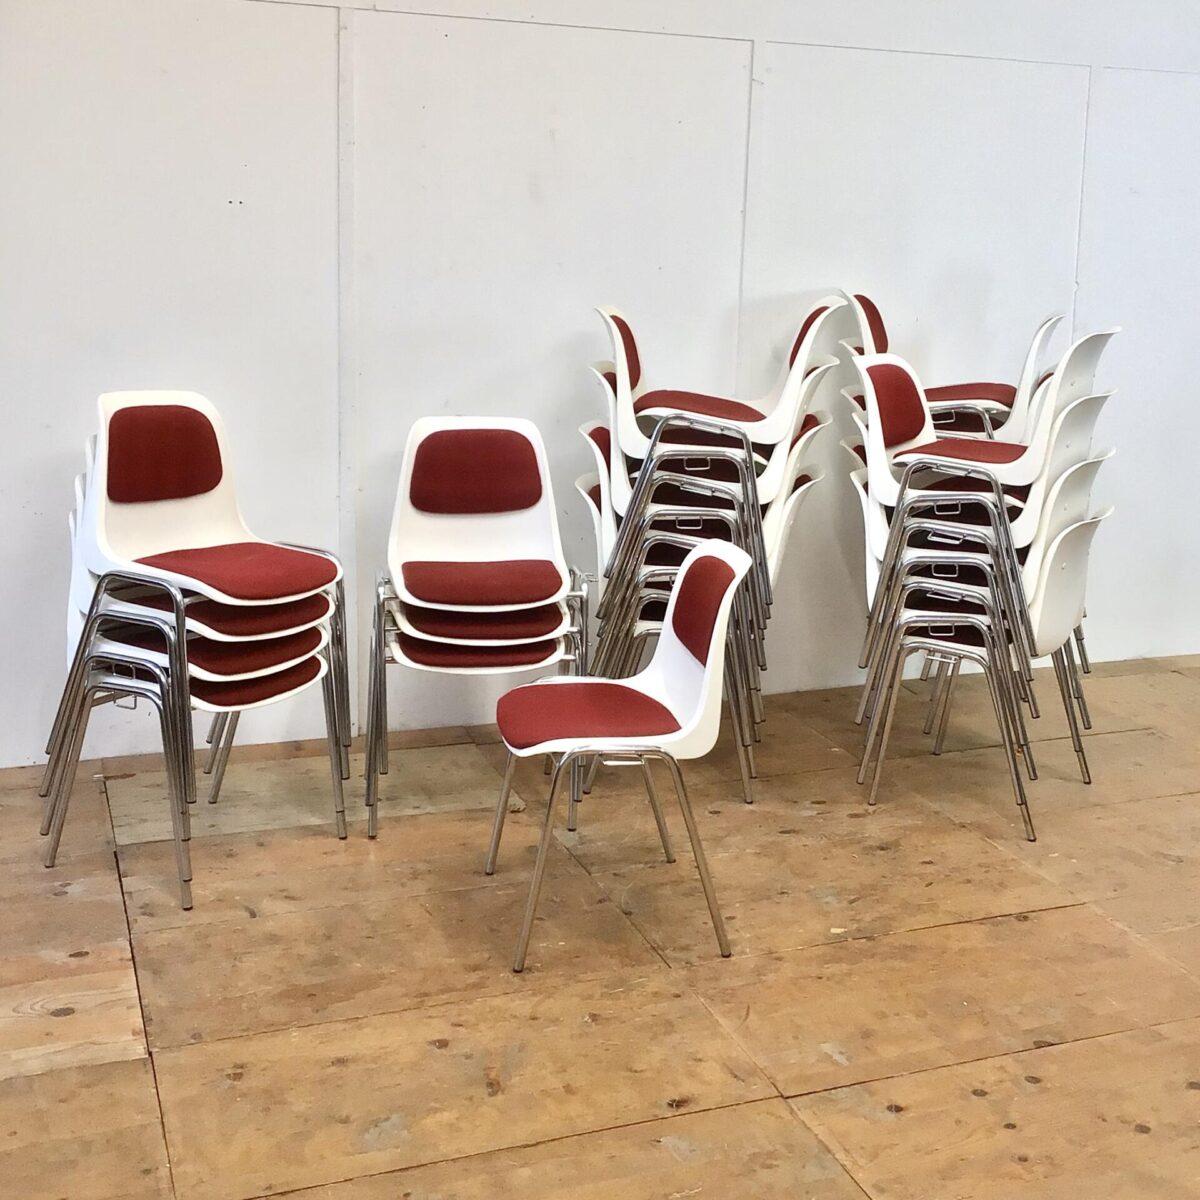 30 Schalenstühle von Helmut Starke. Preis pro Stuhl. Weisse Kunststoff Sitzschalen mit rotem Polster und verchromten Metall Gestell. Diese Stühle lassen sich seitlich zusammen verbinden, wie dies feuertechnisch bei einer Saalbestuhlung erforderlich ist. Für den Privaten Gebrauch lassen sich die Verbindungsbeschläge Sicherlich entfernen. Ein paar wenige sind schon ohne diese Konstruktion. Der rote Stoff Bezug ist in recht gepflegtem Zustand. Die Stühle sind recht bequem, und passen sich durch die leichte Flexibilität, dem Benutzer an.